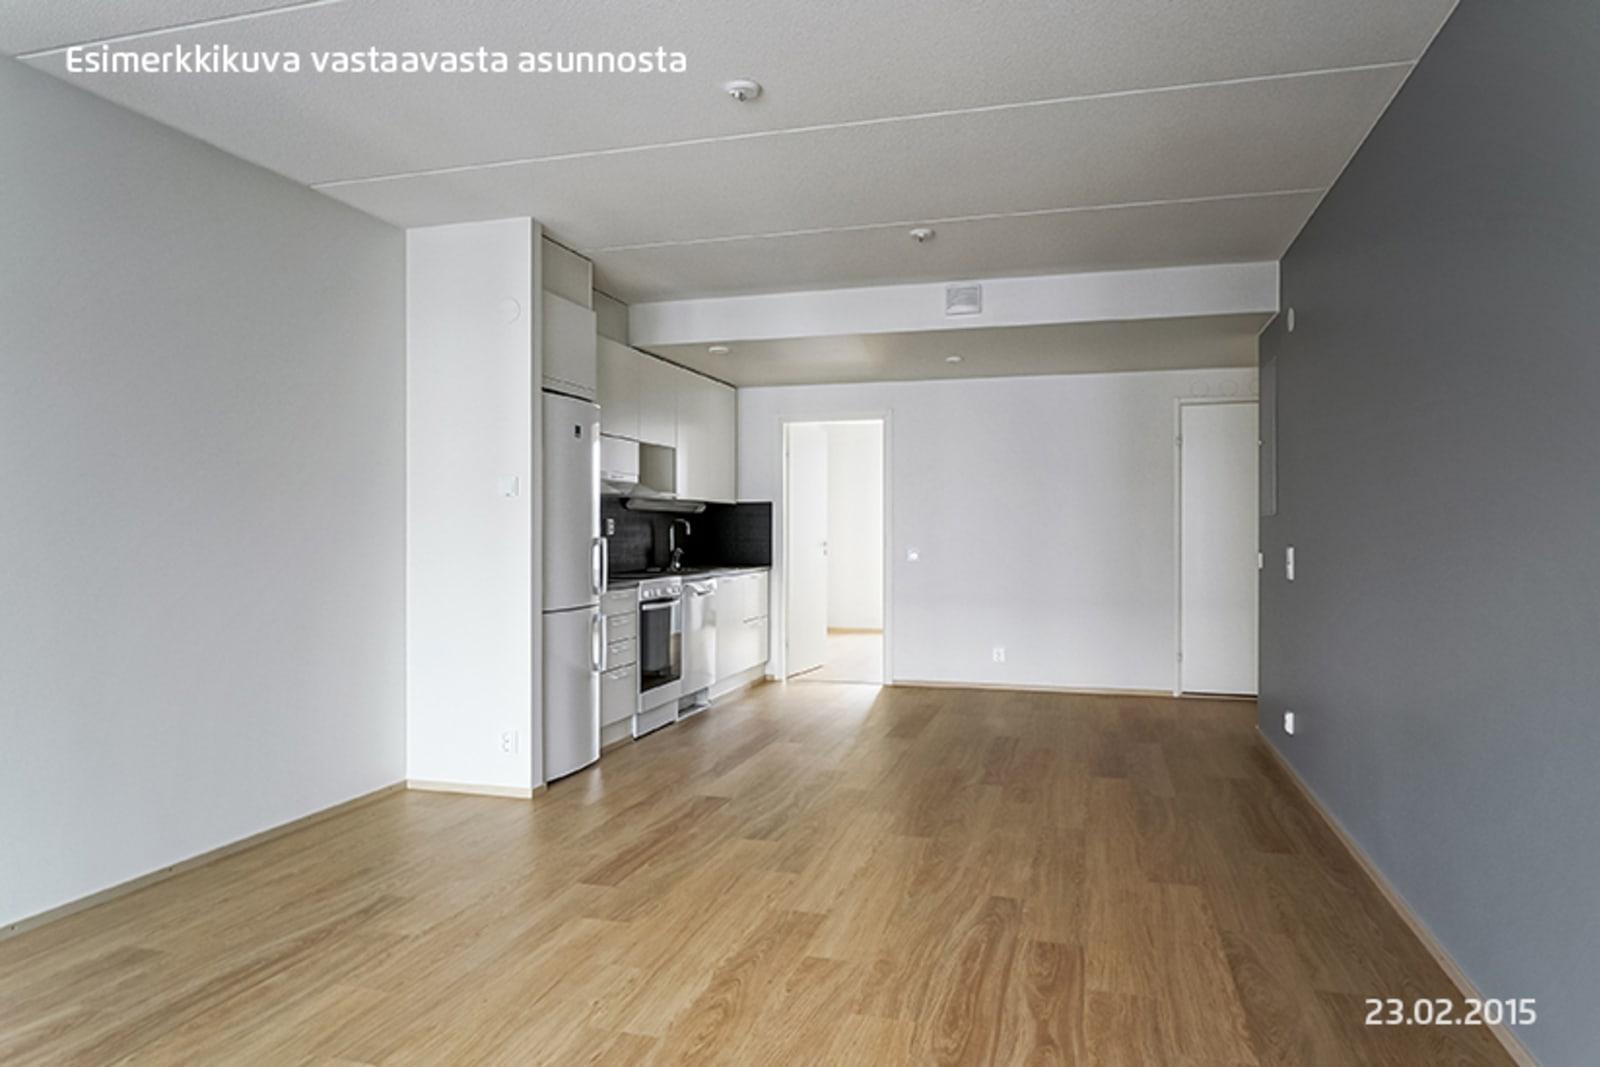 Espoo, Suurpelto, Henttaan puistokatu 8 B 033